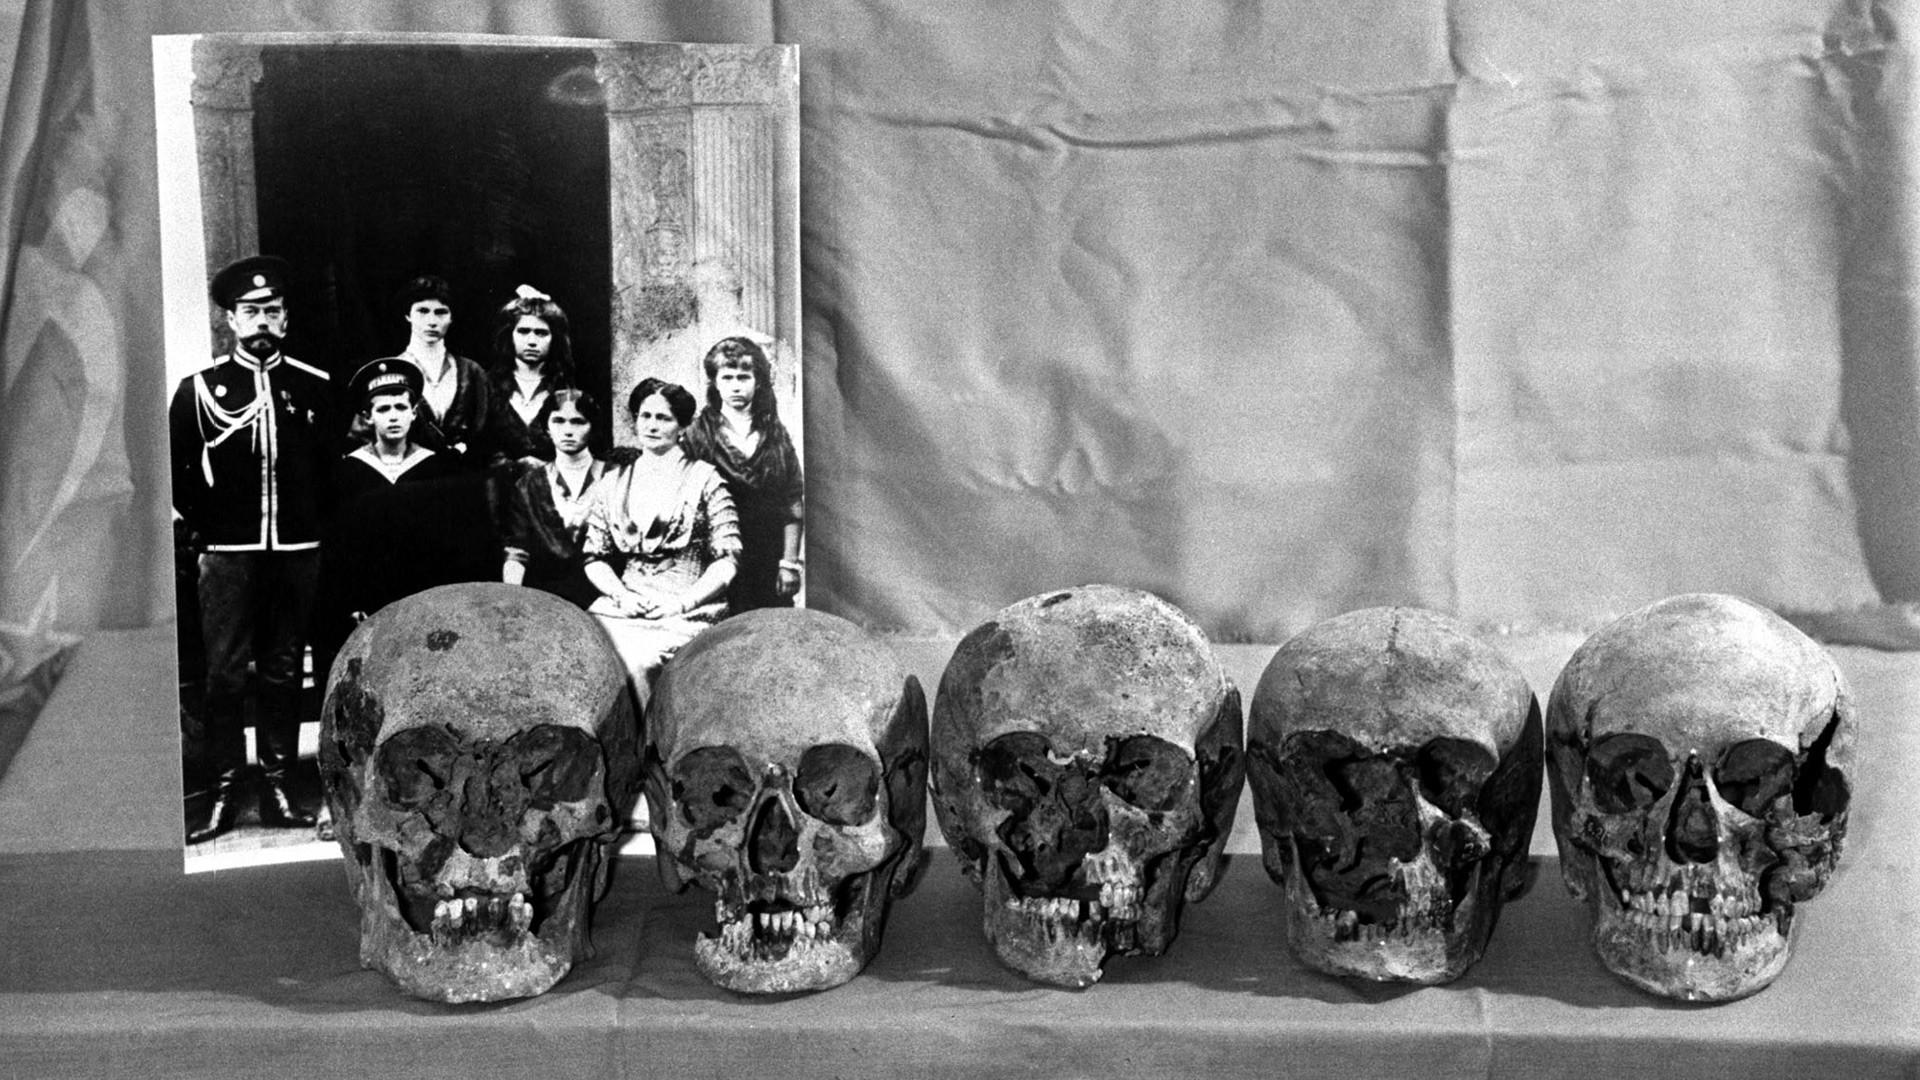 「皇帝一家の」頭蓋骨と推定されるもの。1993年